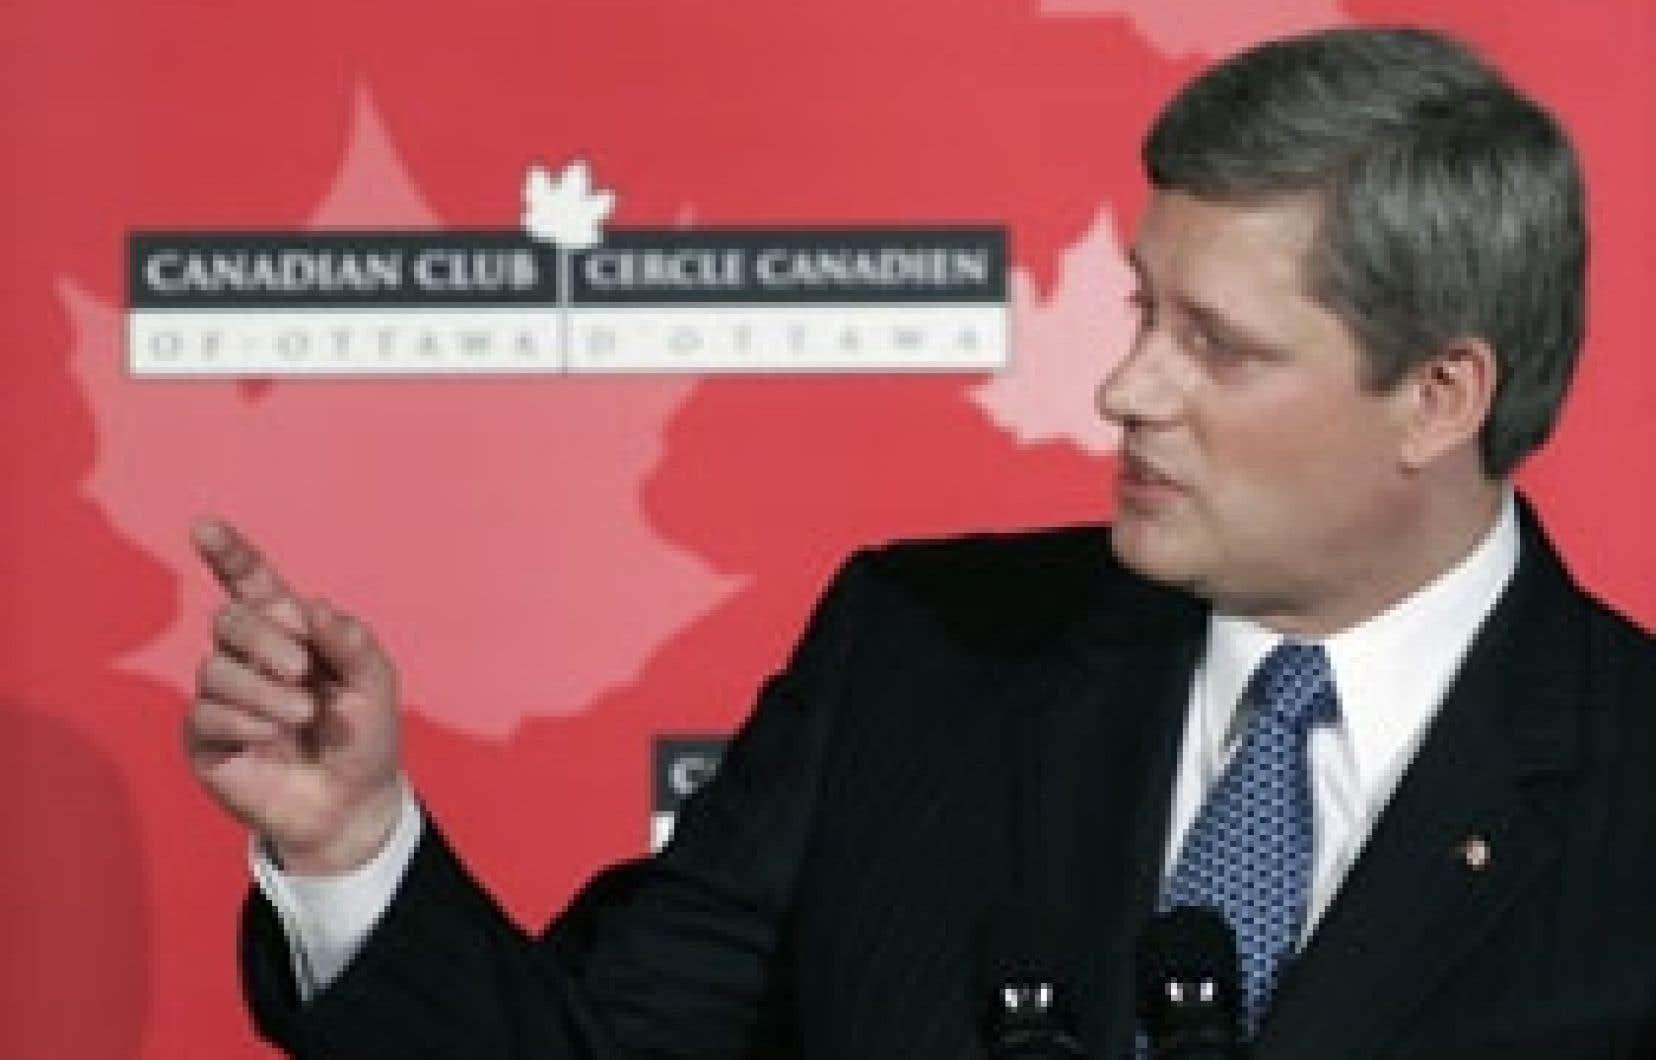 Aux questions de l'opposition au parlement, Stephen Harper a préféré le parterre du Canadian Club d'Ottawa pour marquer le premier anniversaire de l'élection des conservateurs.